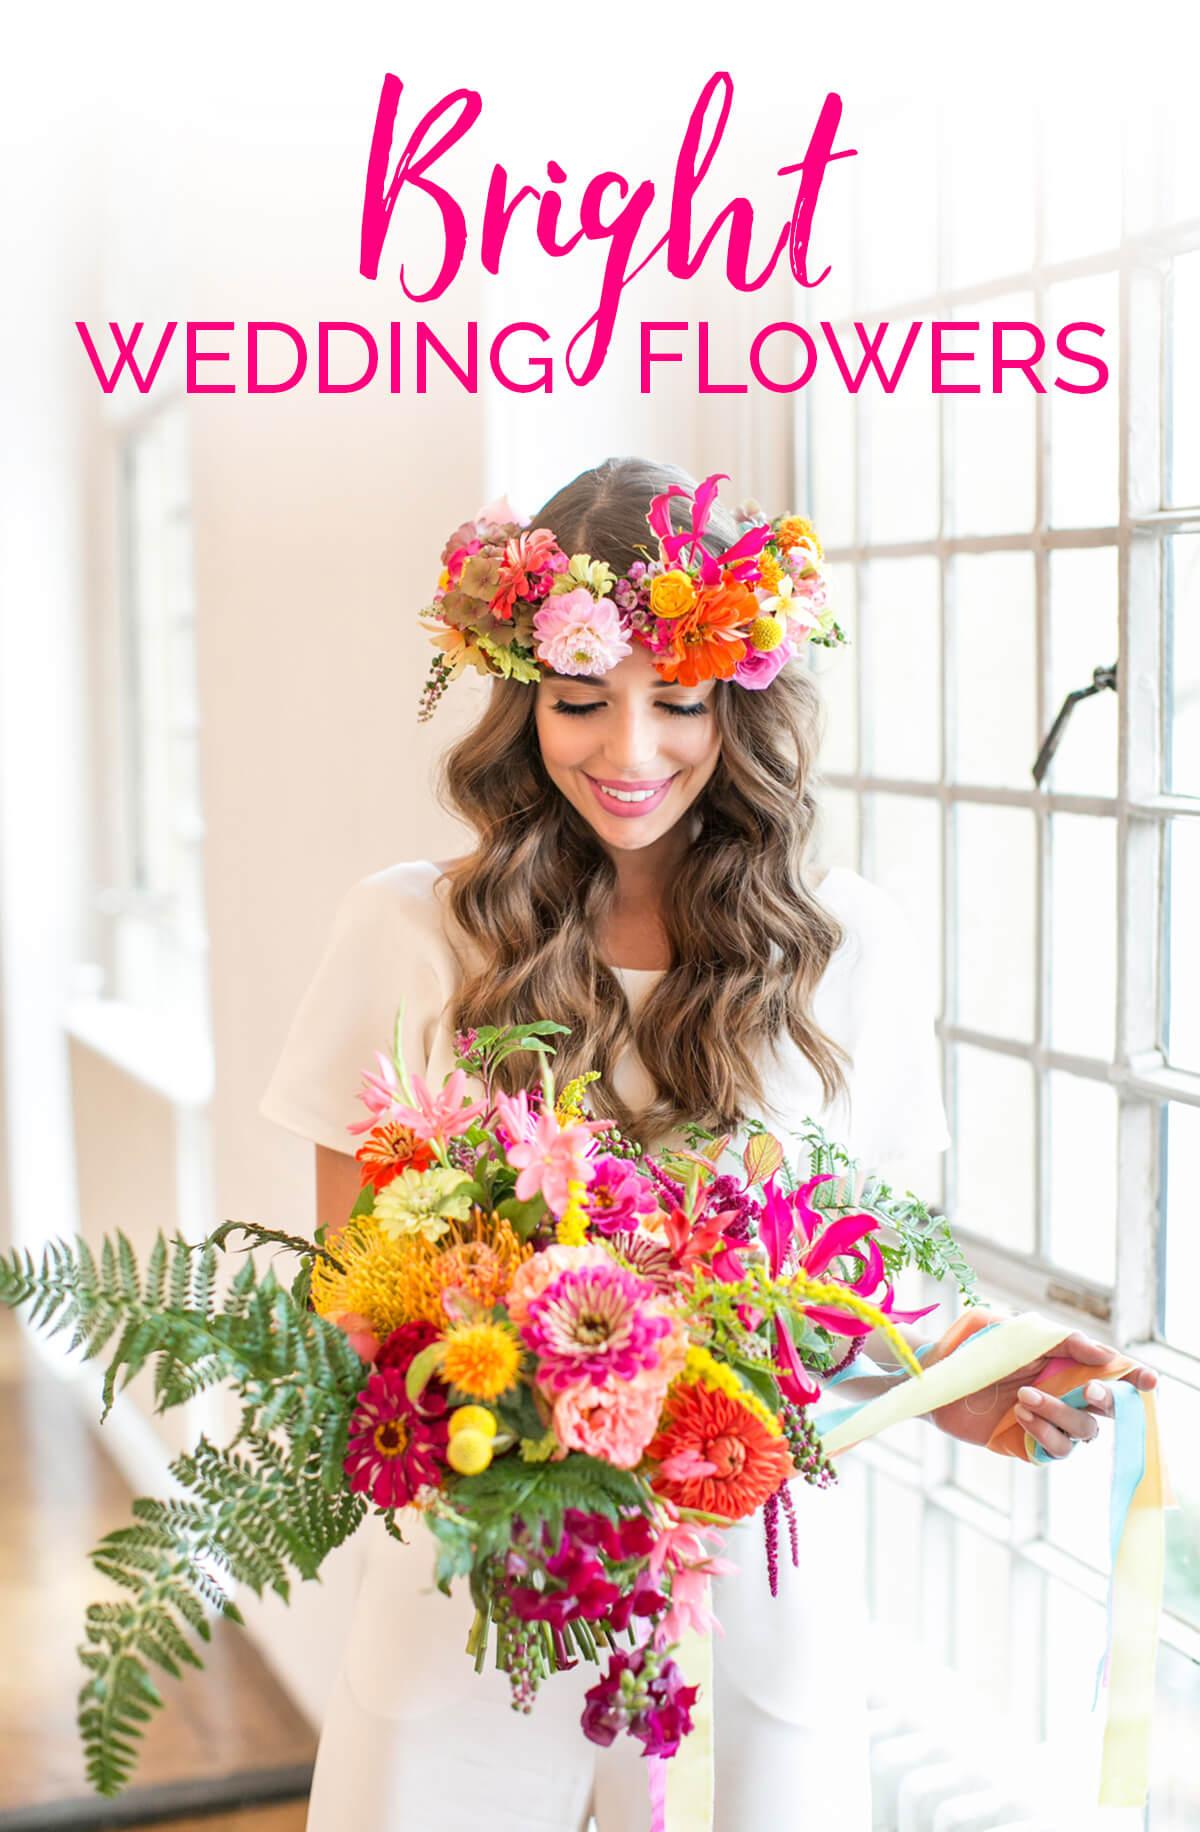 Wedding Ideas By Colour: Bright Wedding Flowers   CHWV